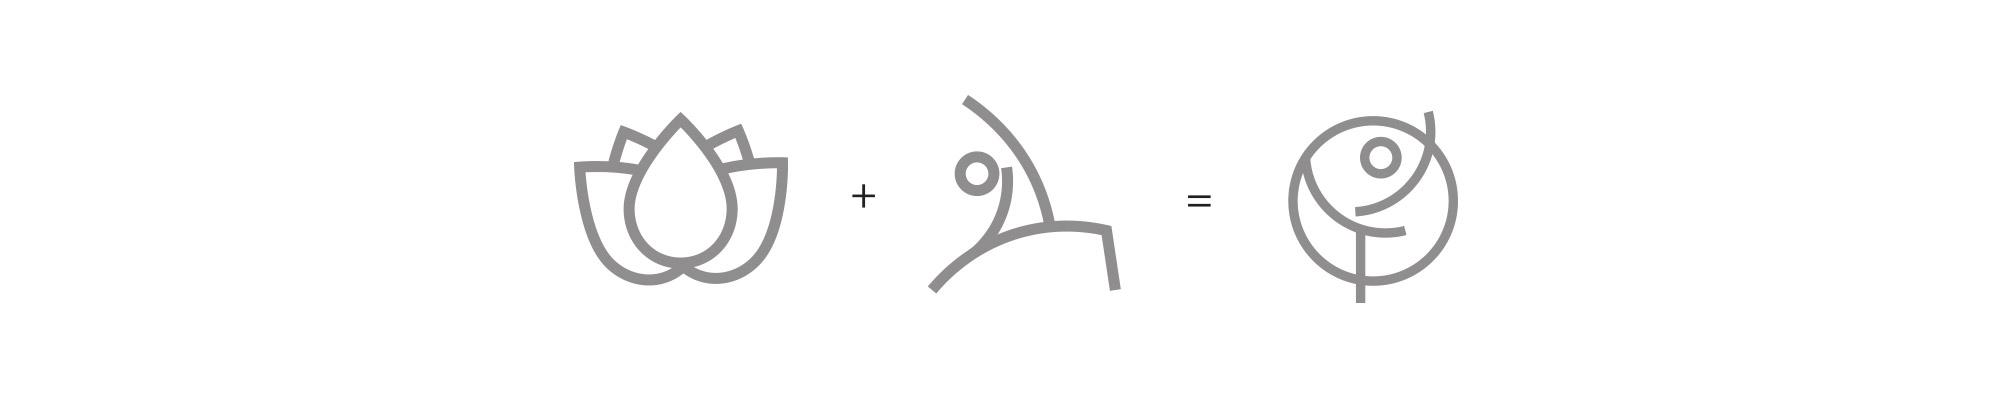 Sen-Flow-Brand-Identity-Naming-Icon